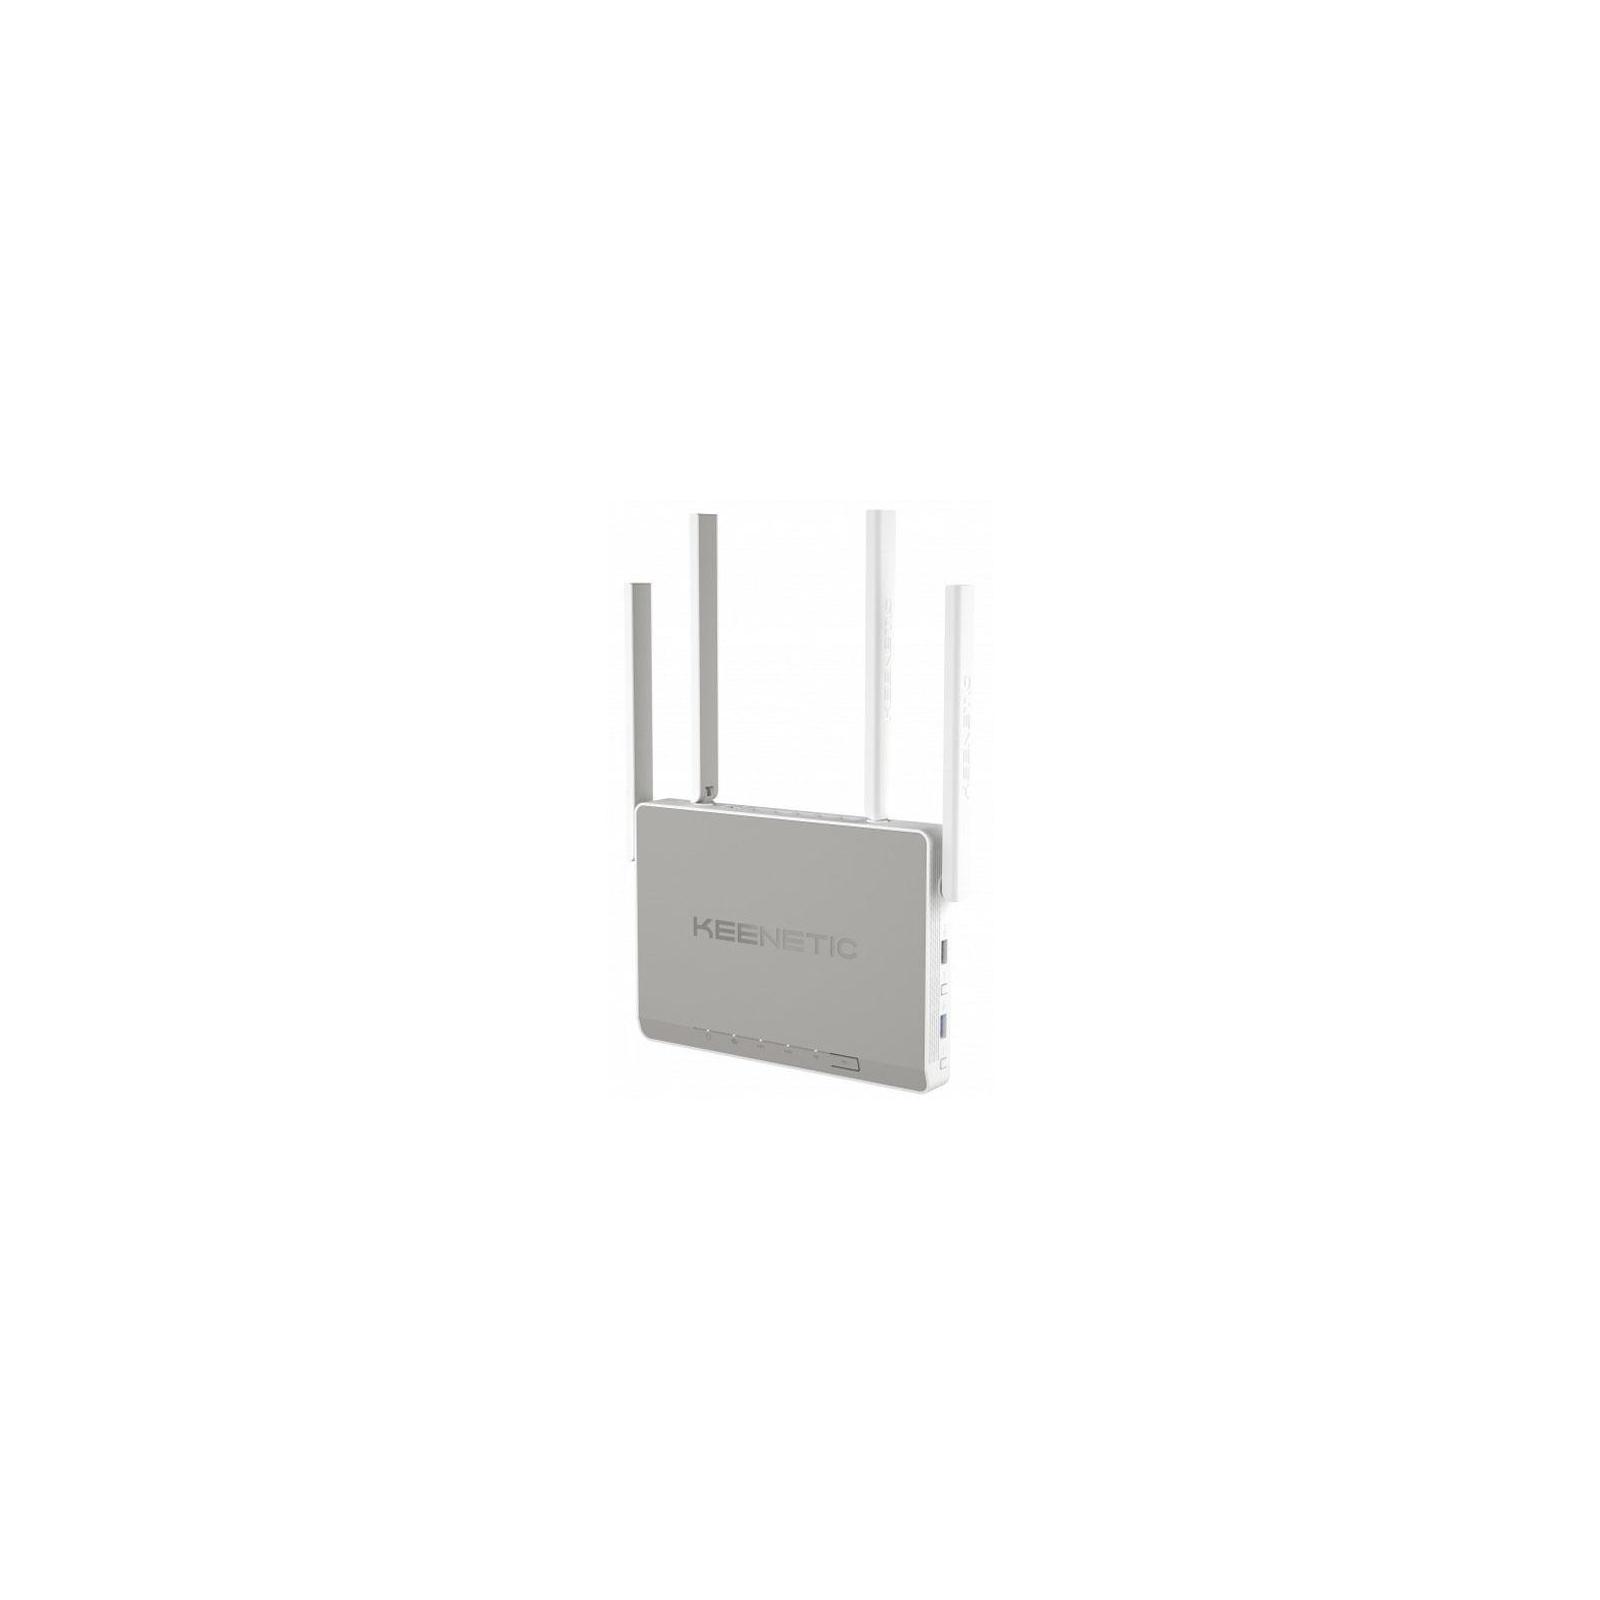 Маршрутизатор Keenetic GIGA (KN-1010-01RU) изображение 4